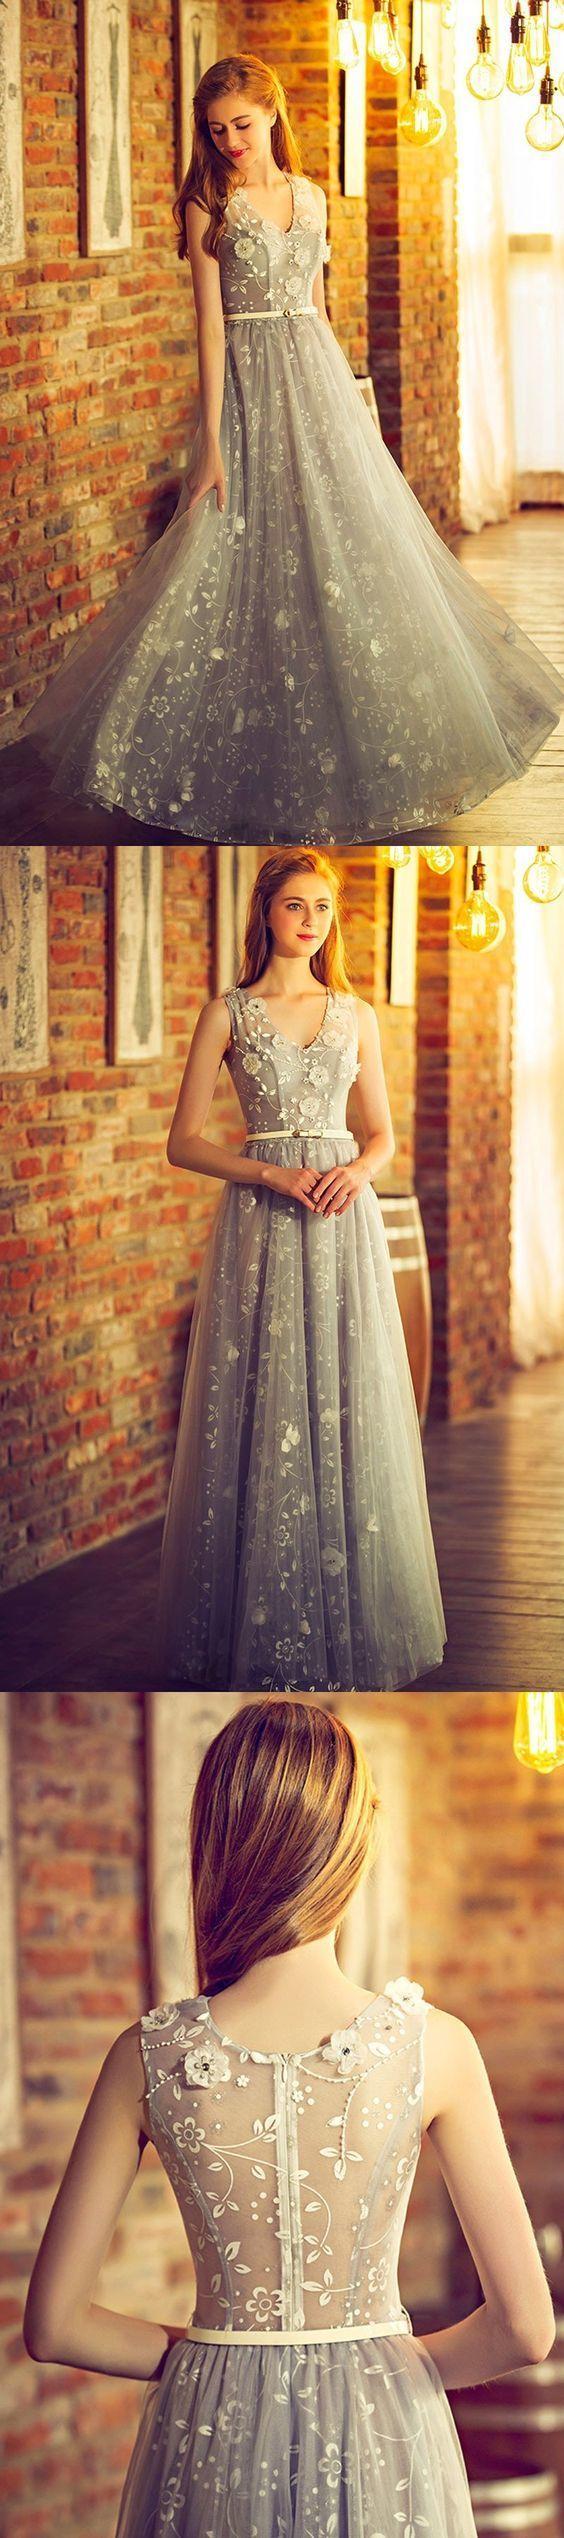 Sexy Prom Dresses A-line Floor-length V-neck Chic Prom Dress/Evening Dress